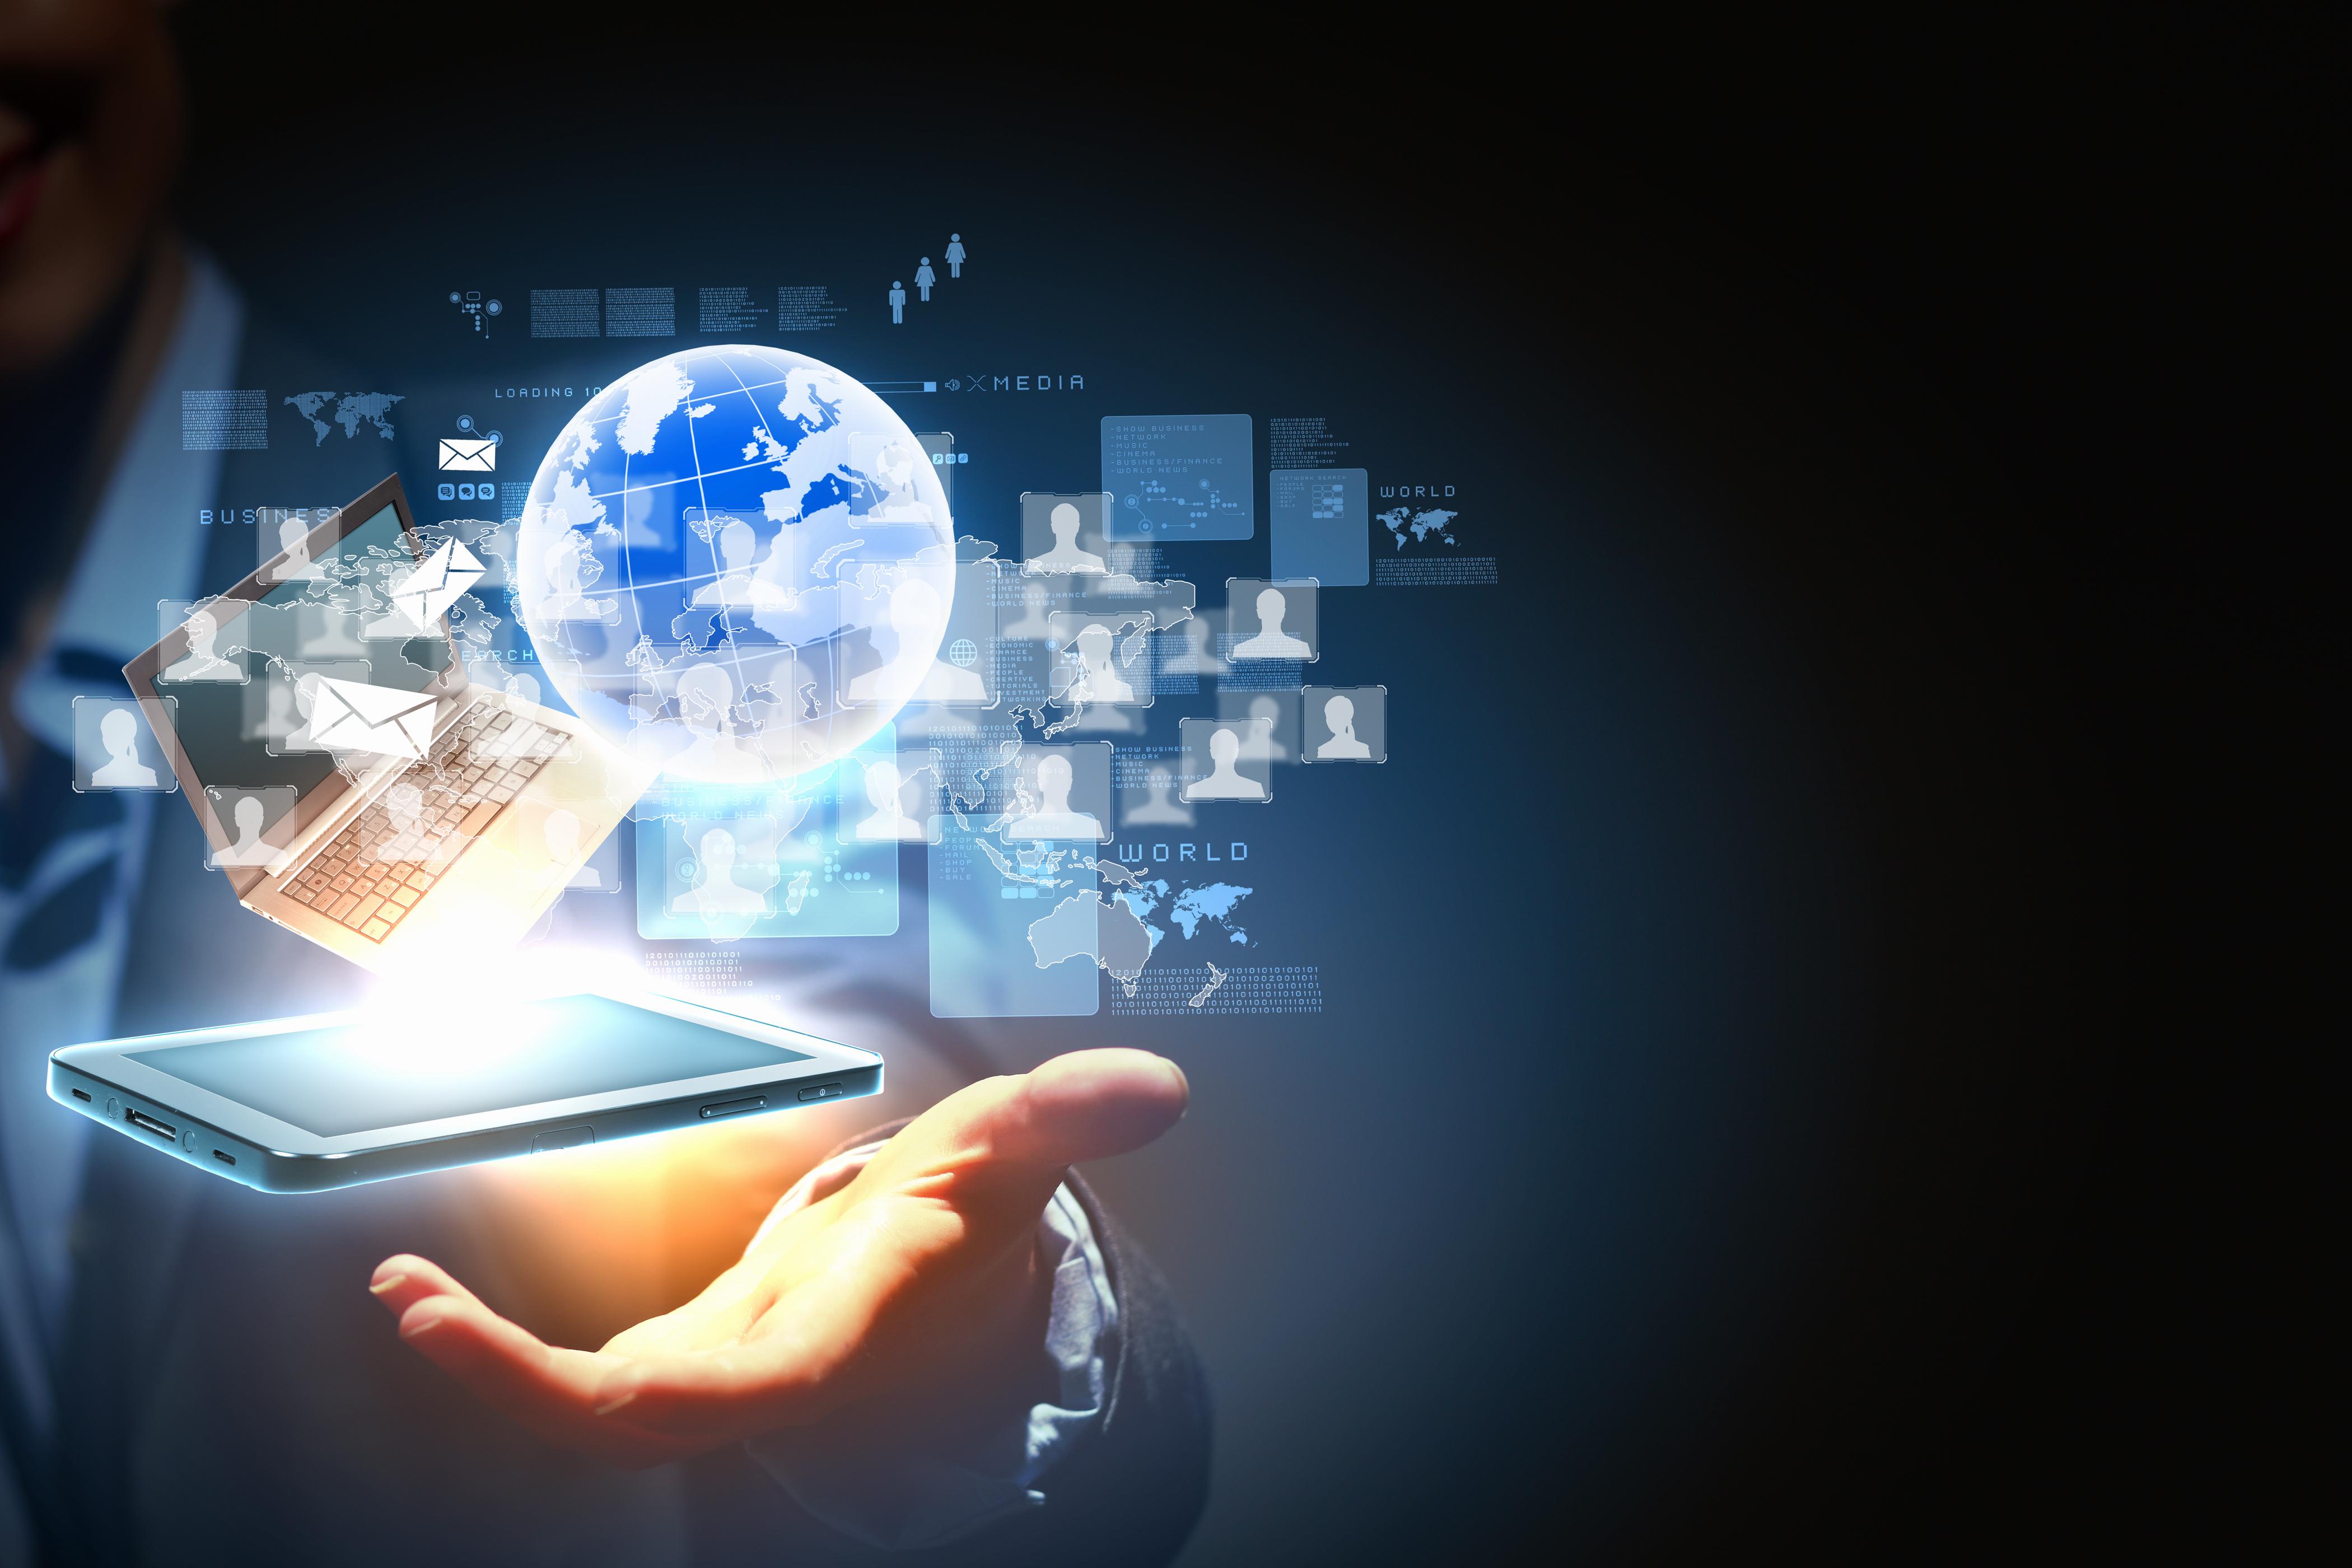 İlaç Takibi için Dijital Teknoloji